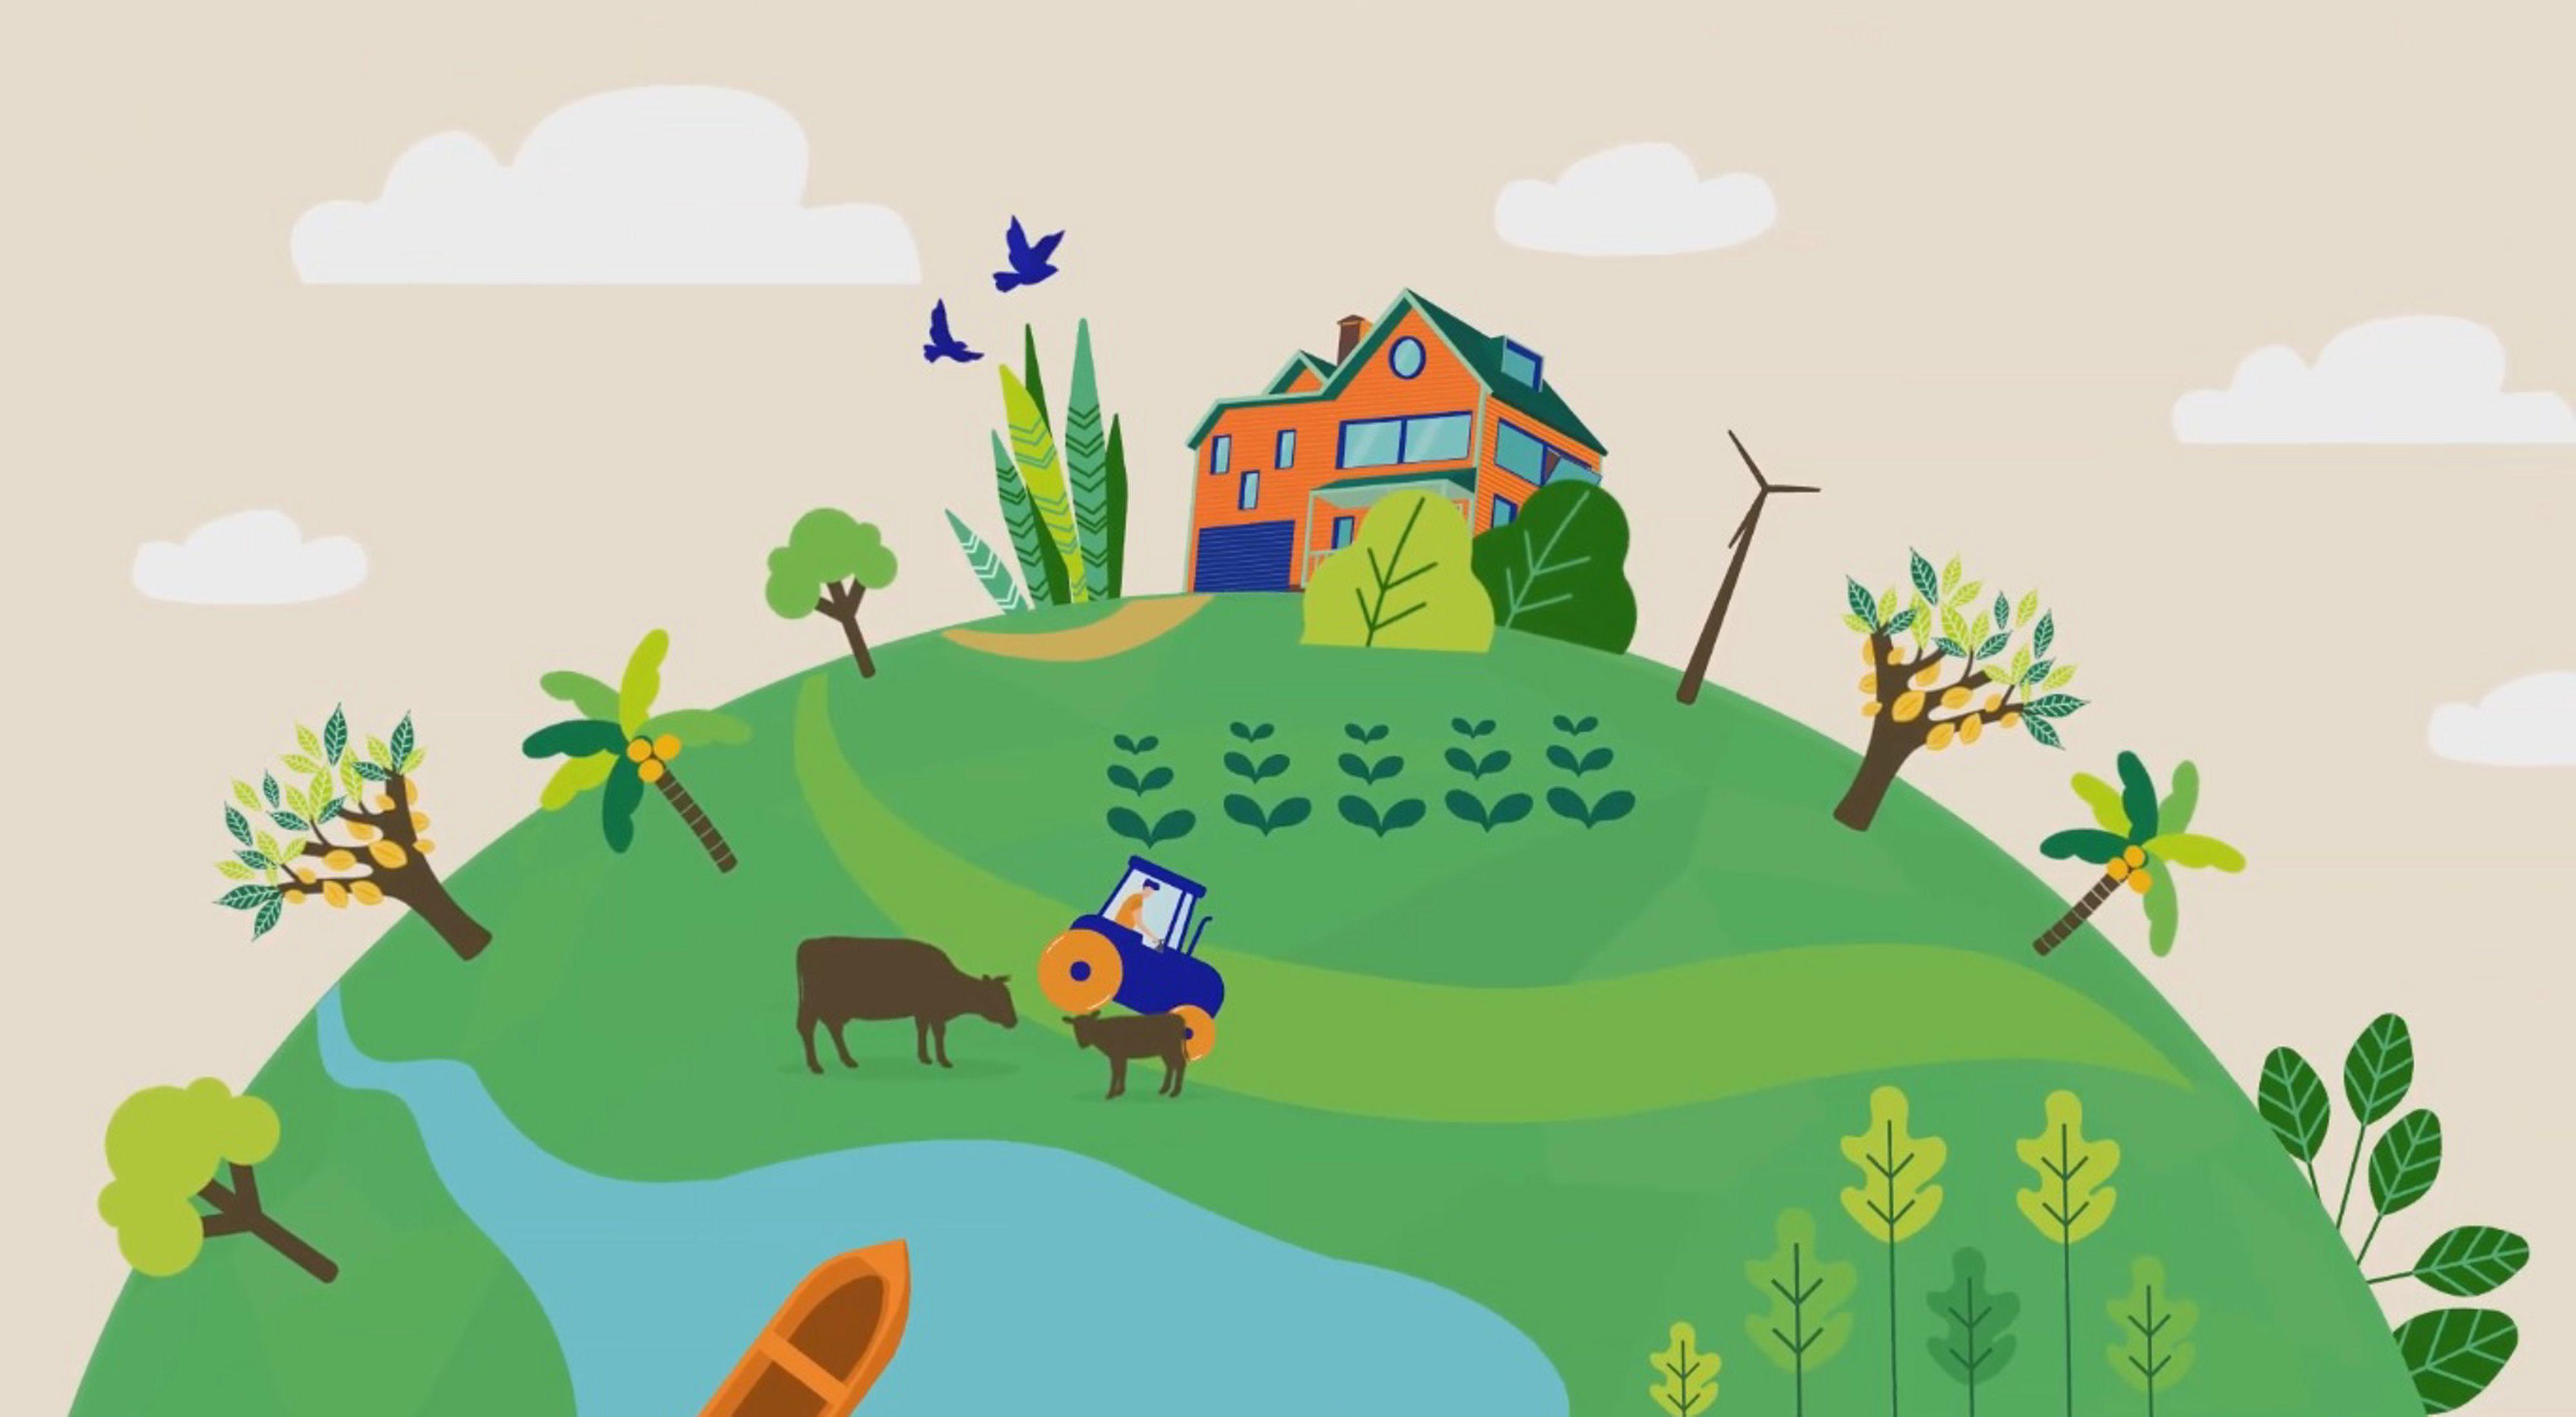 Imagem do vídeo sobre o Plano de Regularização Ambiental.